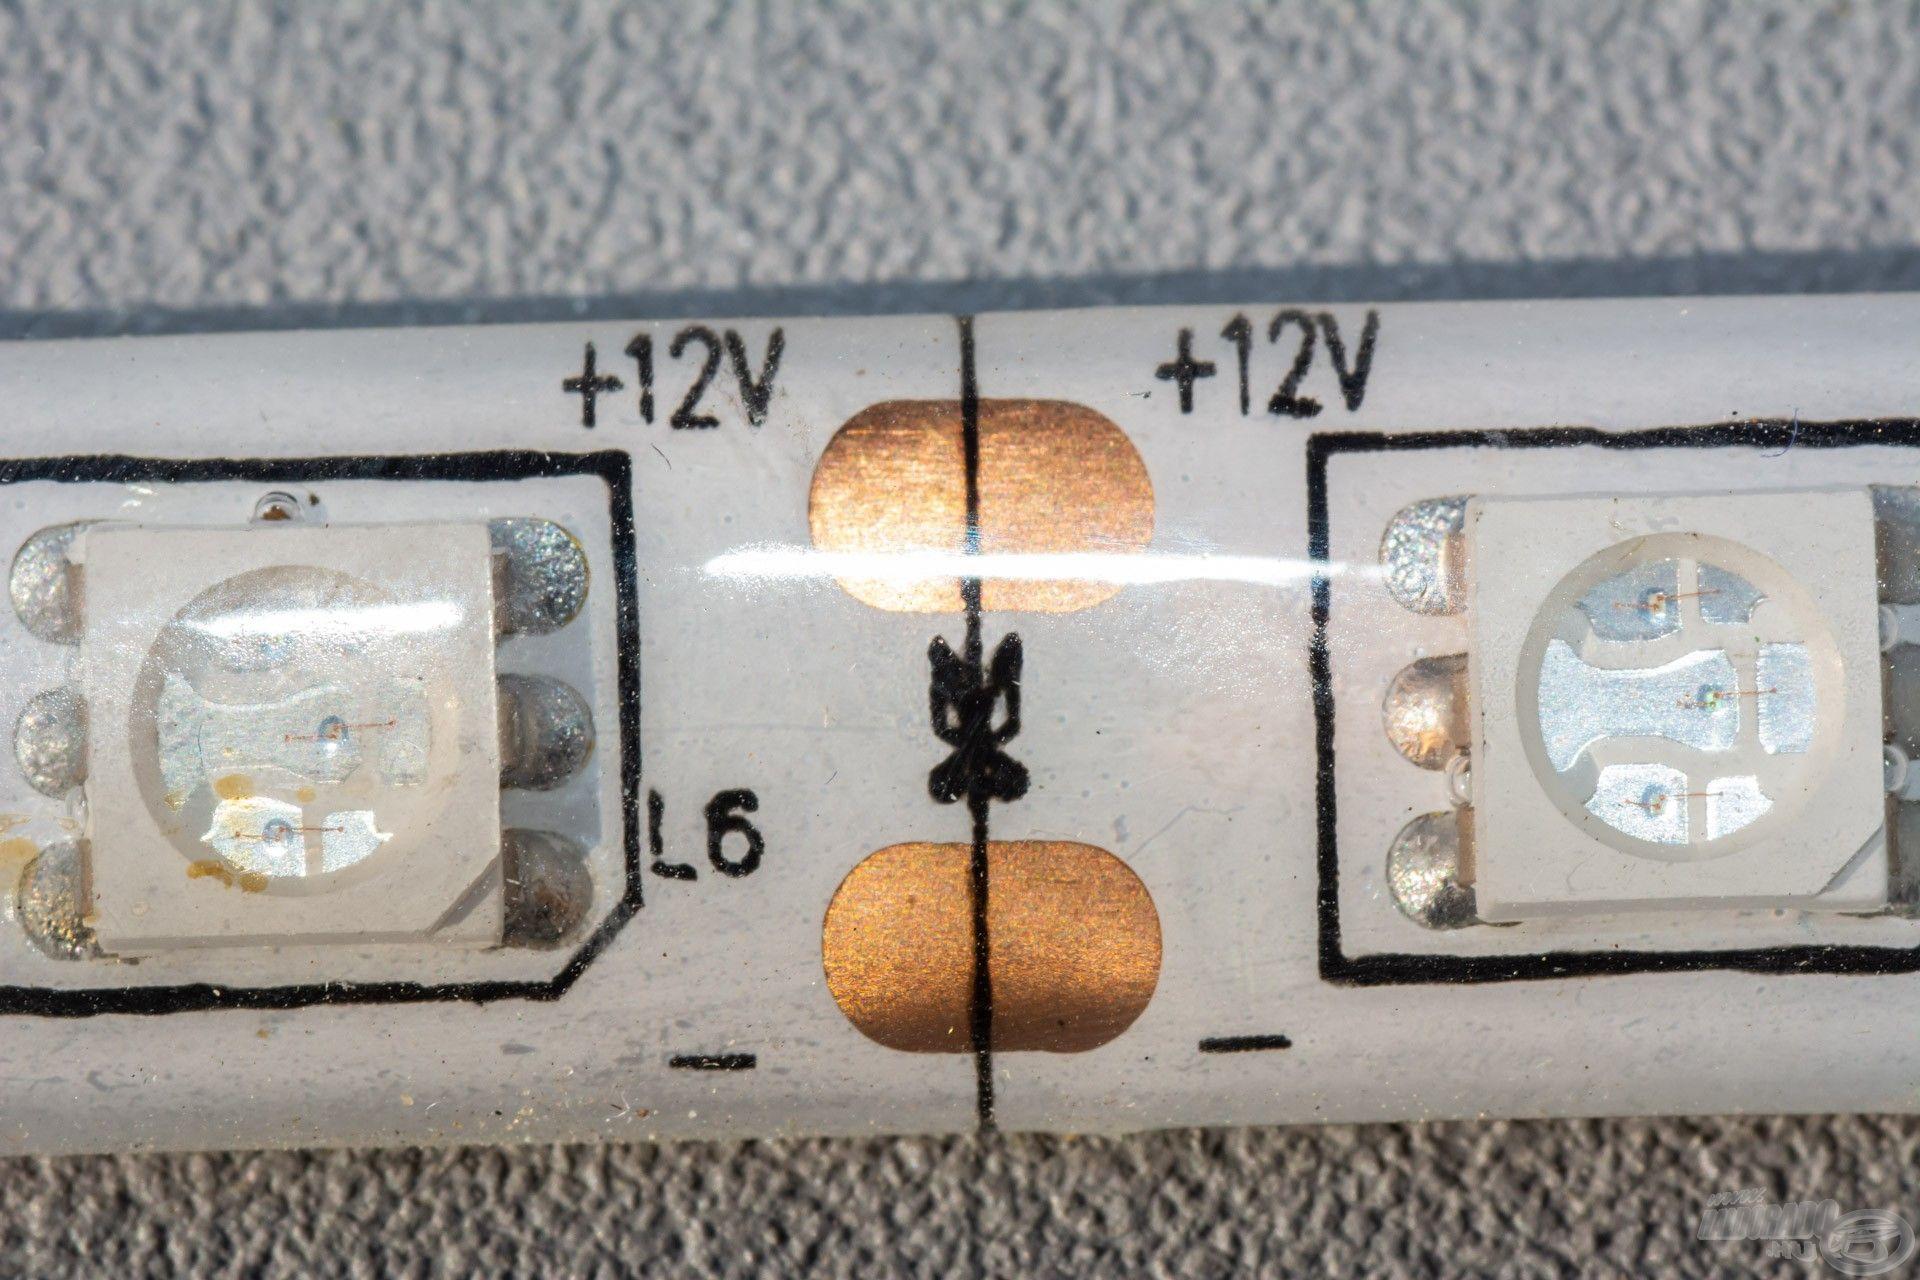 A szalagon jelölés található, ahol el lehet azt vágni, itt van a bekötési pontja is egyben